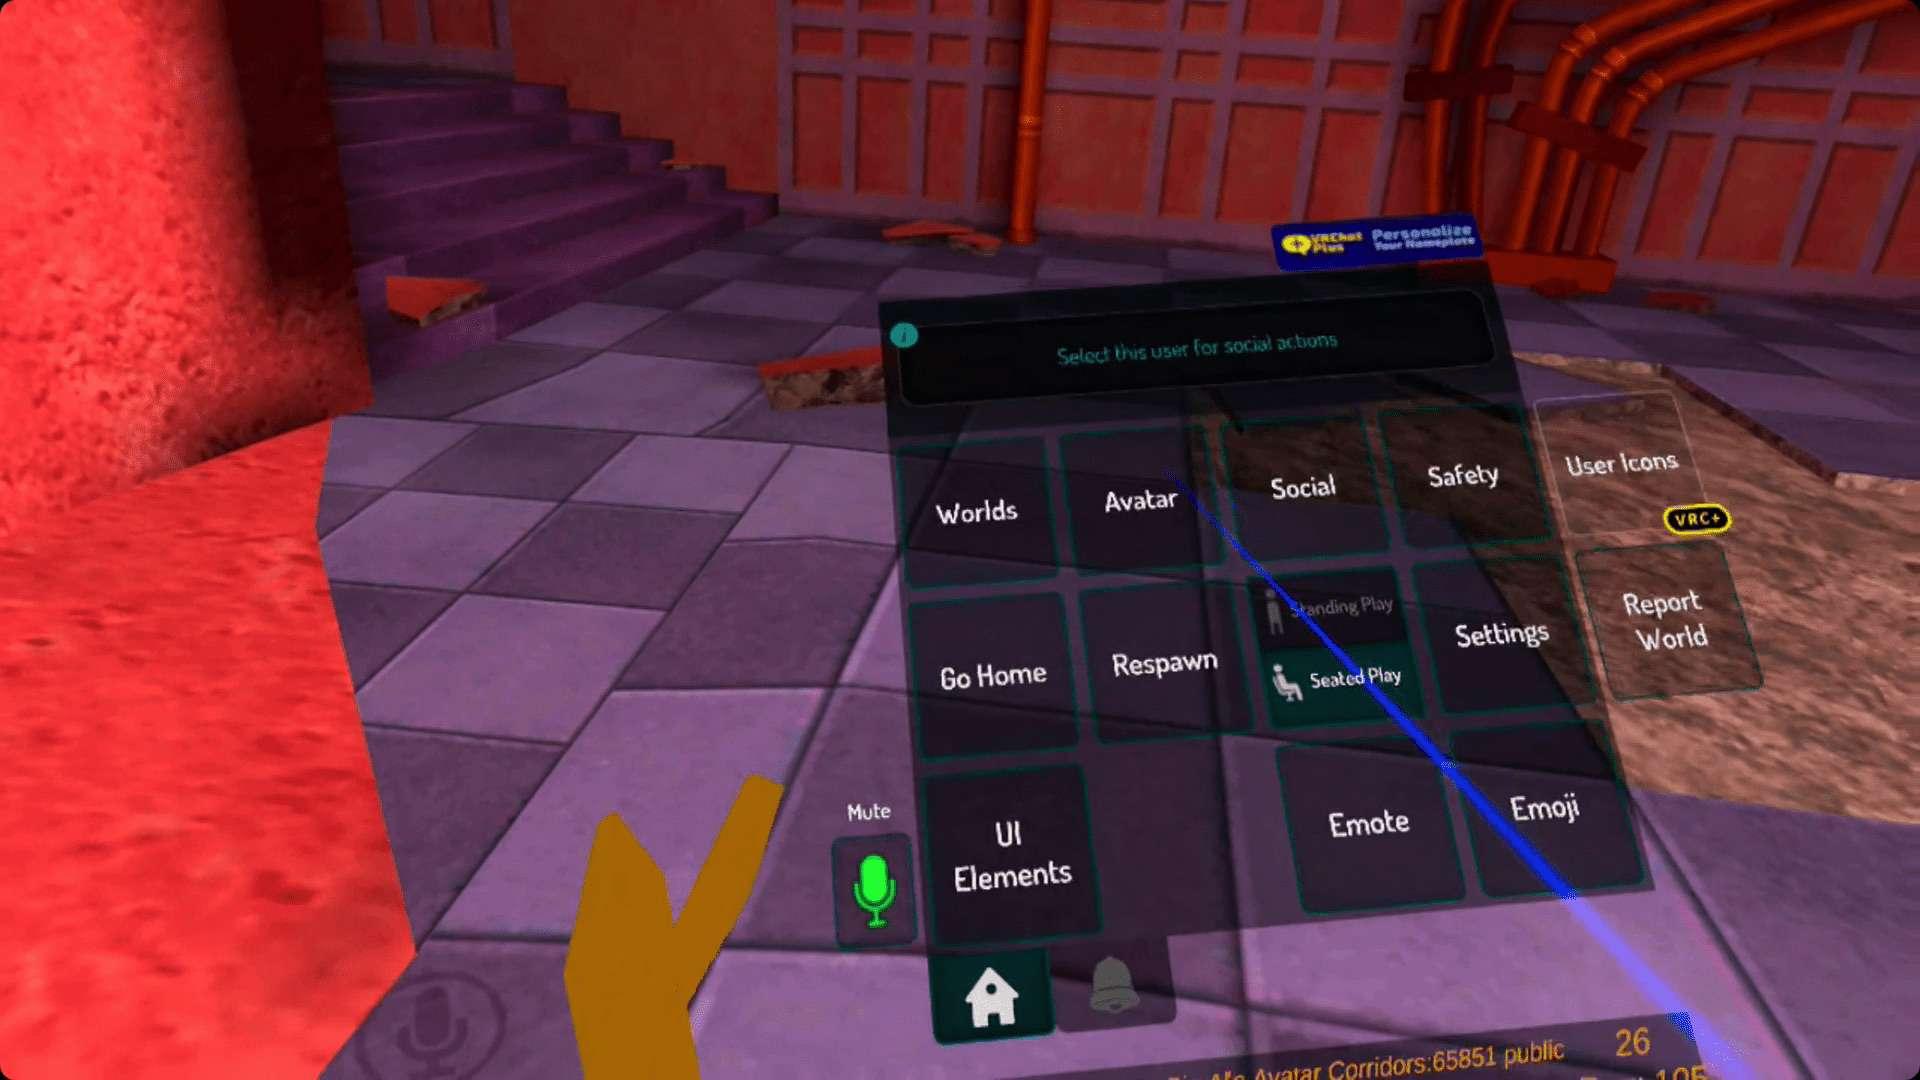 The VRChat shortcut menu.